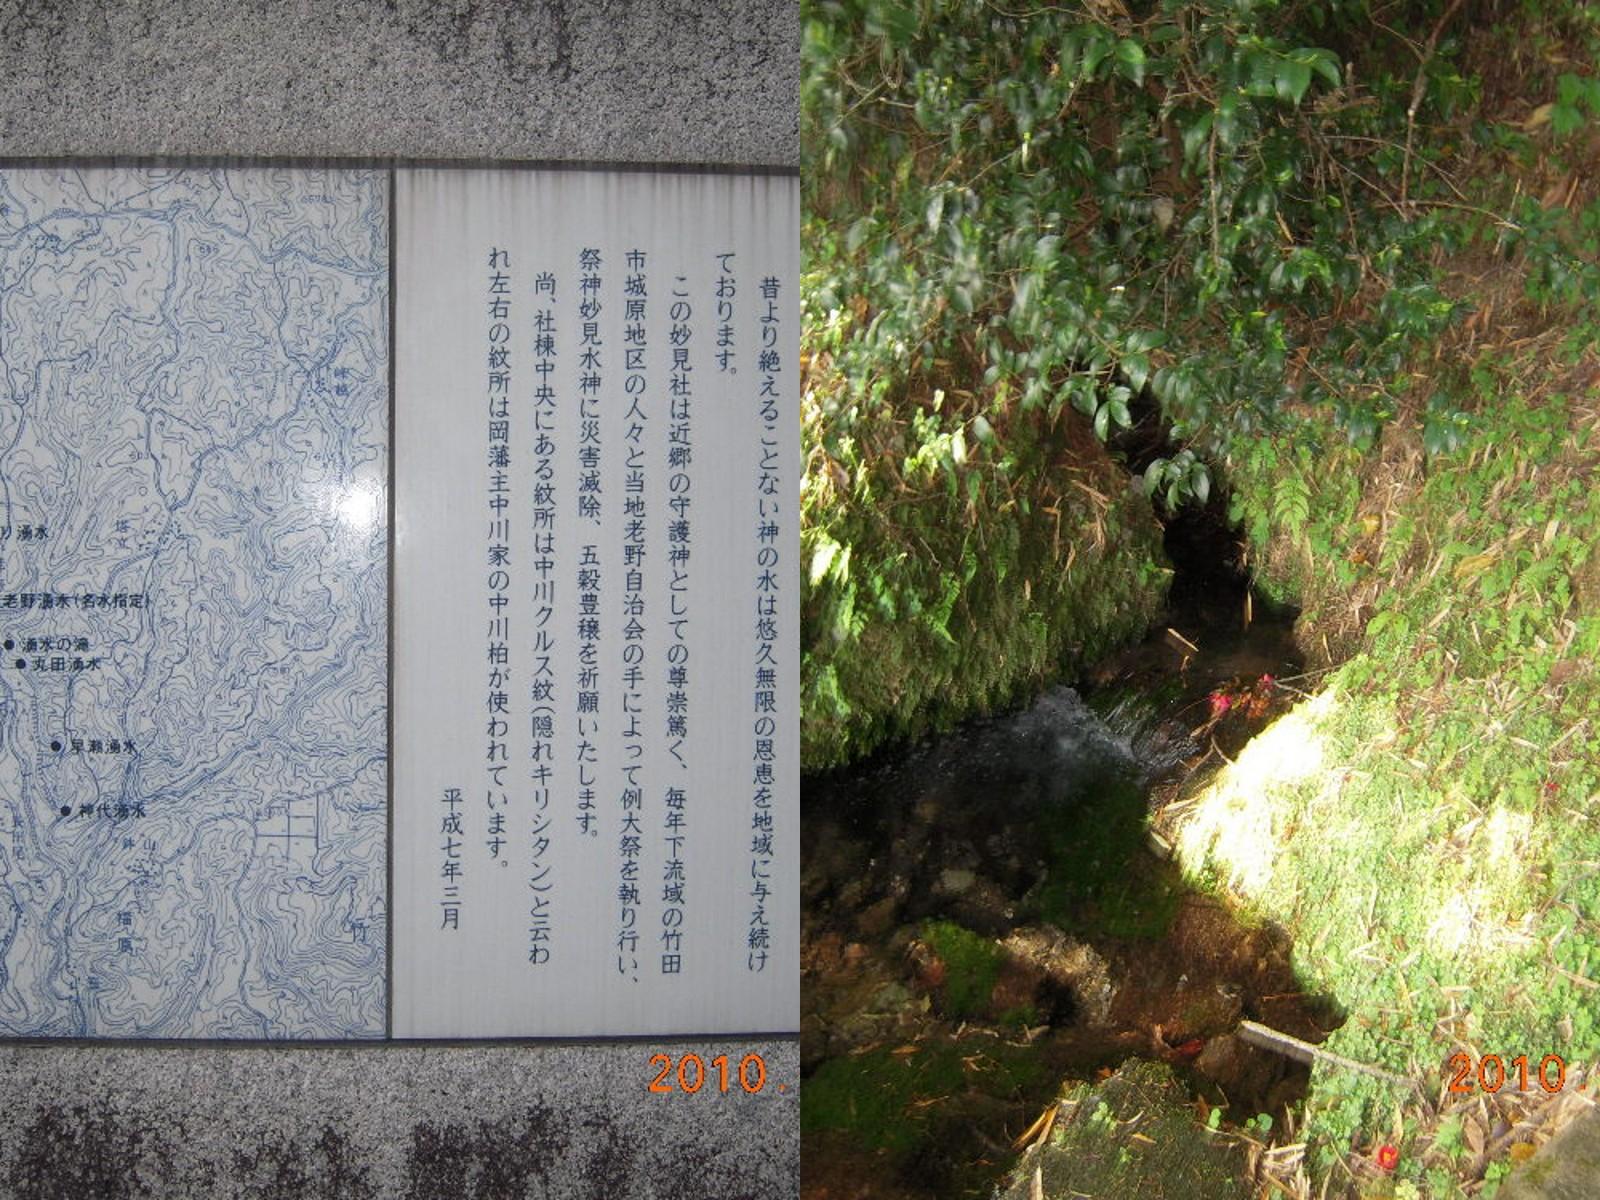 桜、新緑の頃 オススメの場所の1つが老野湧水付近です。